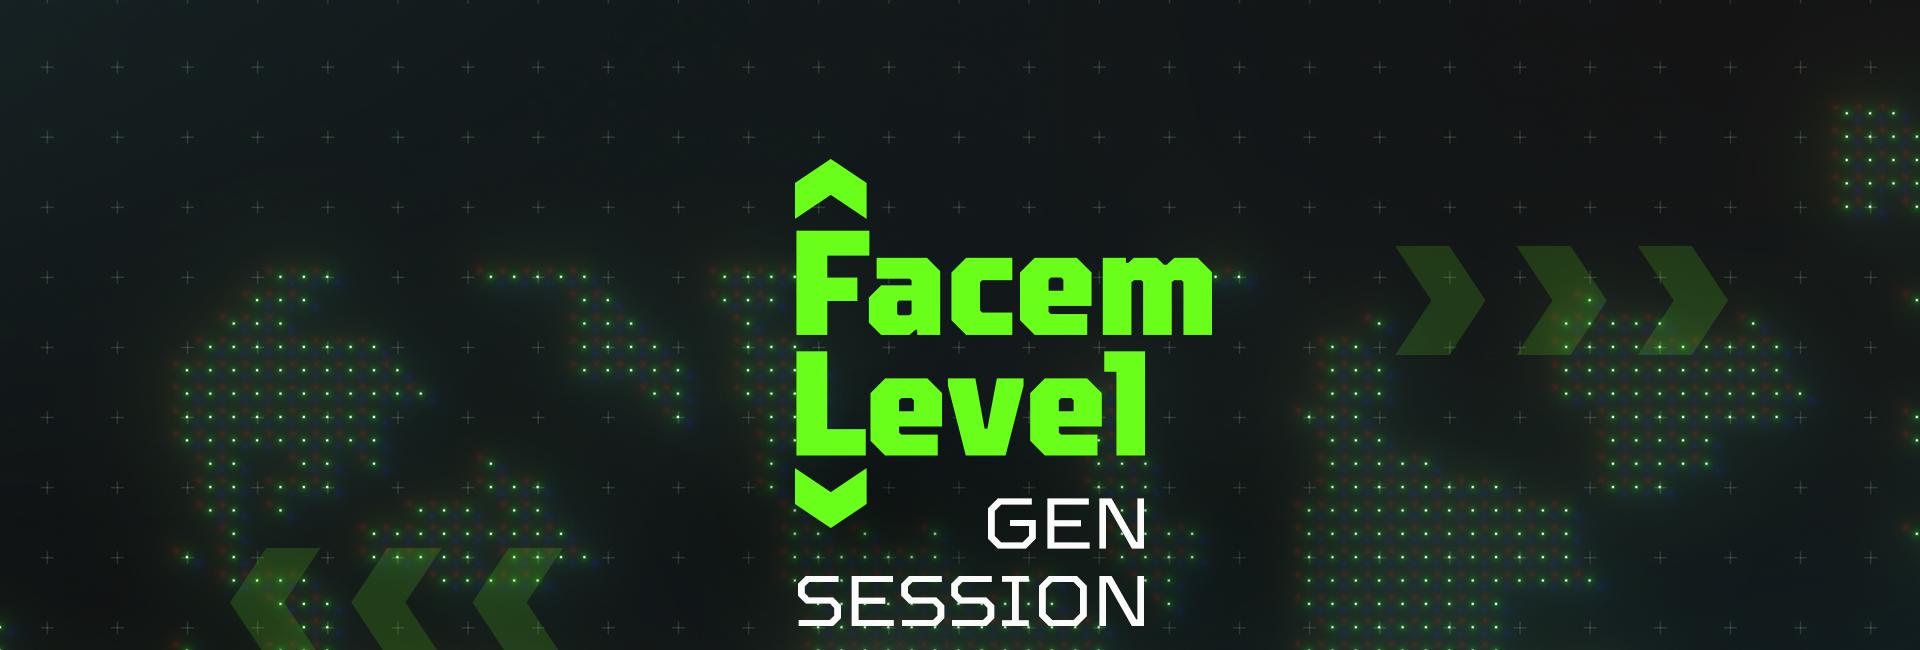 Facem Level